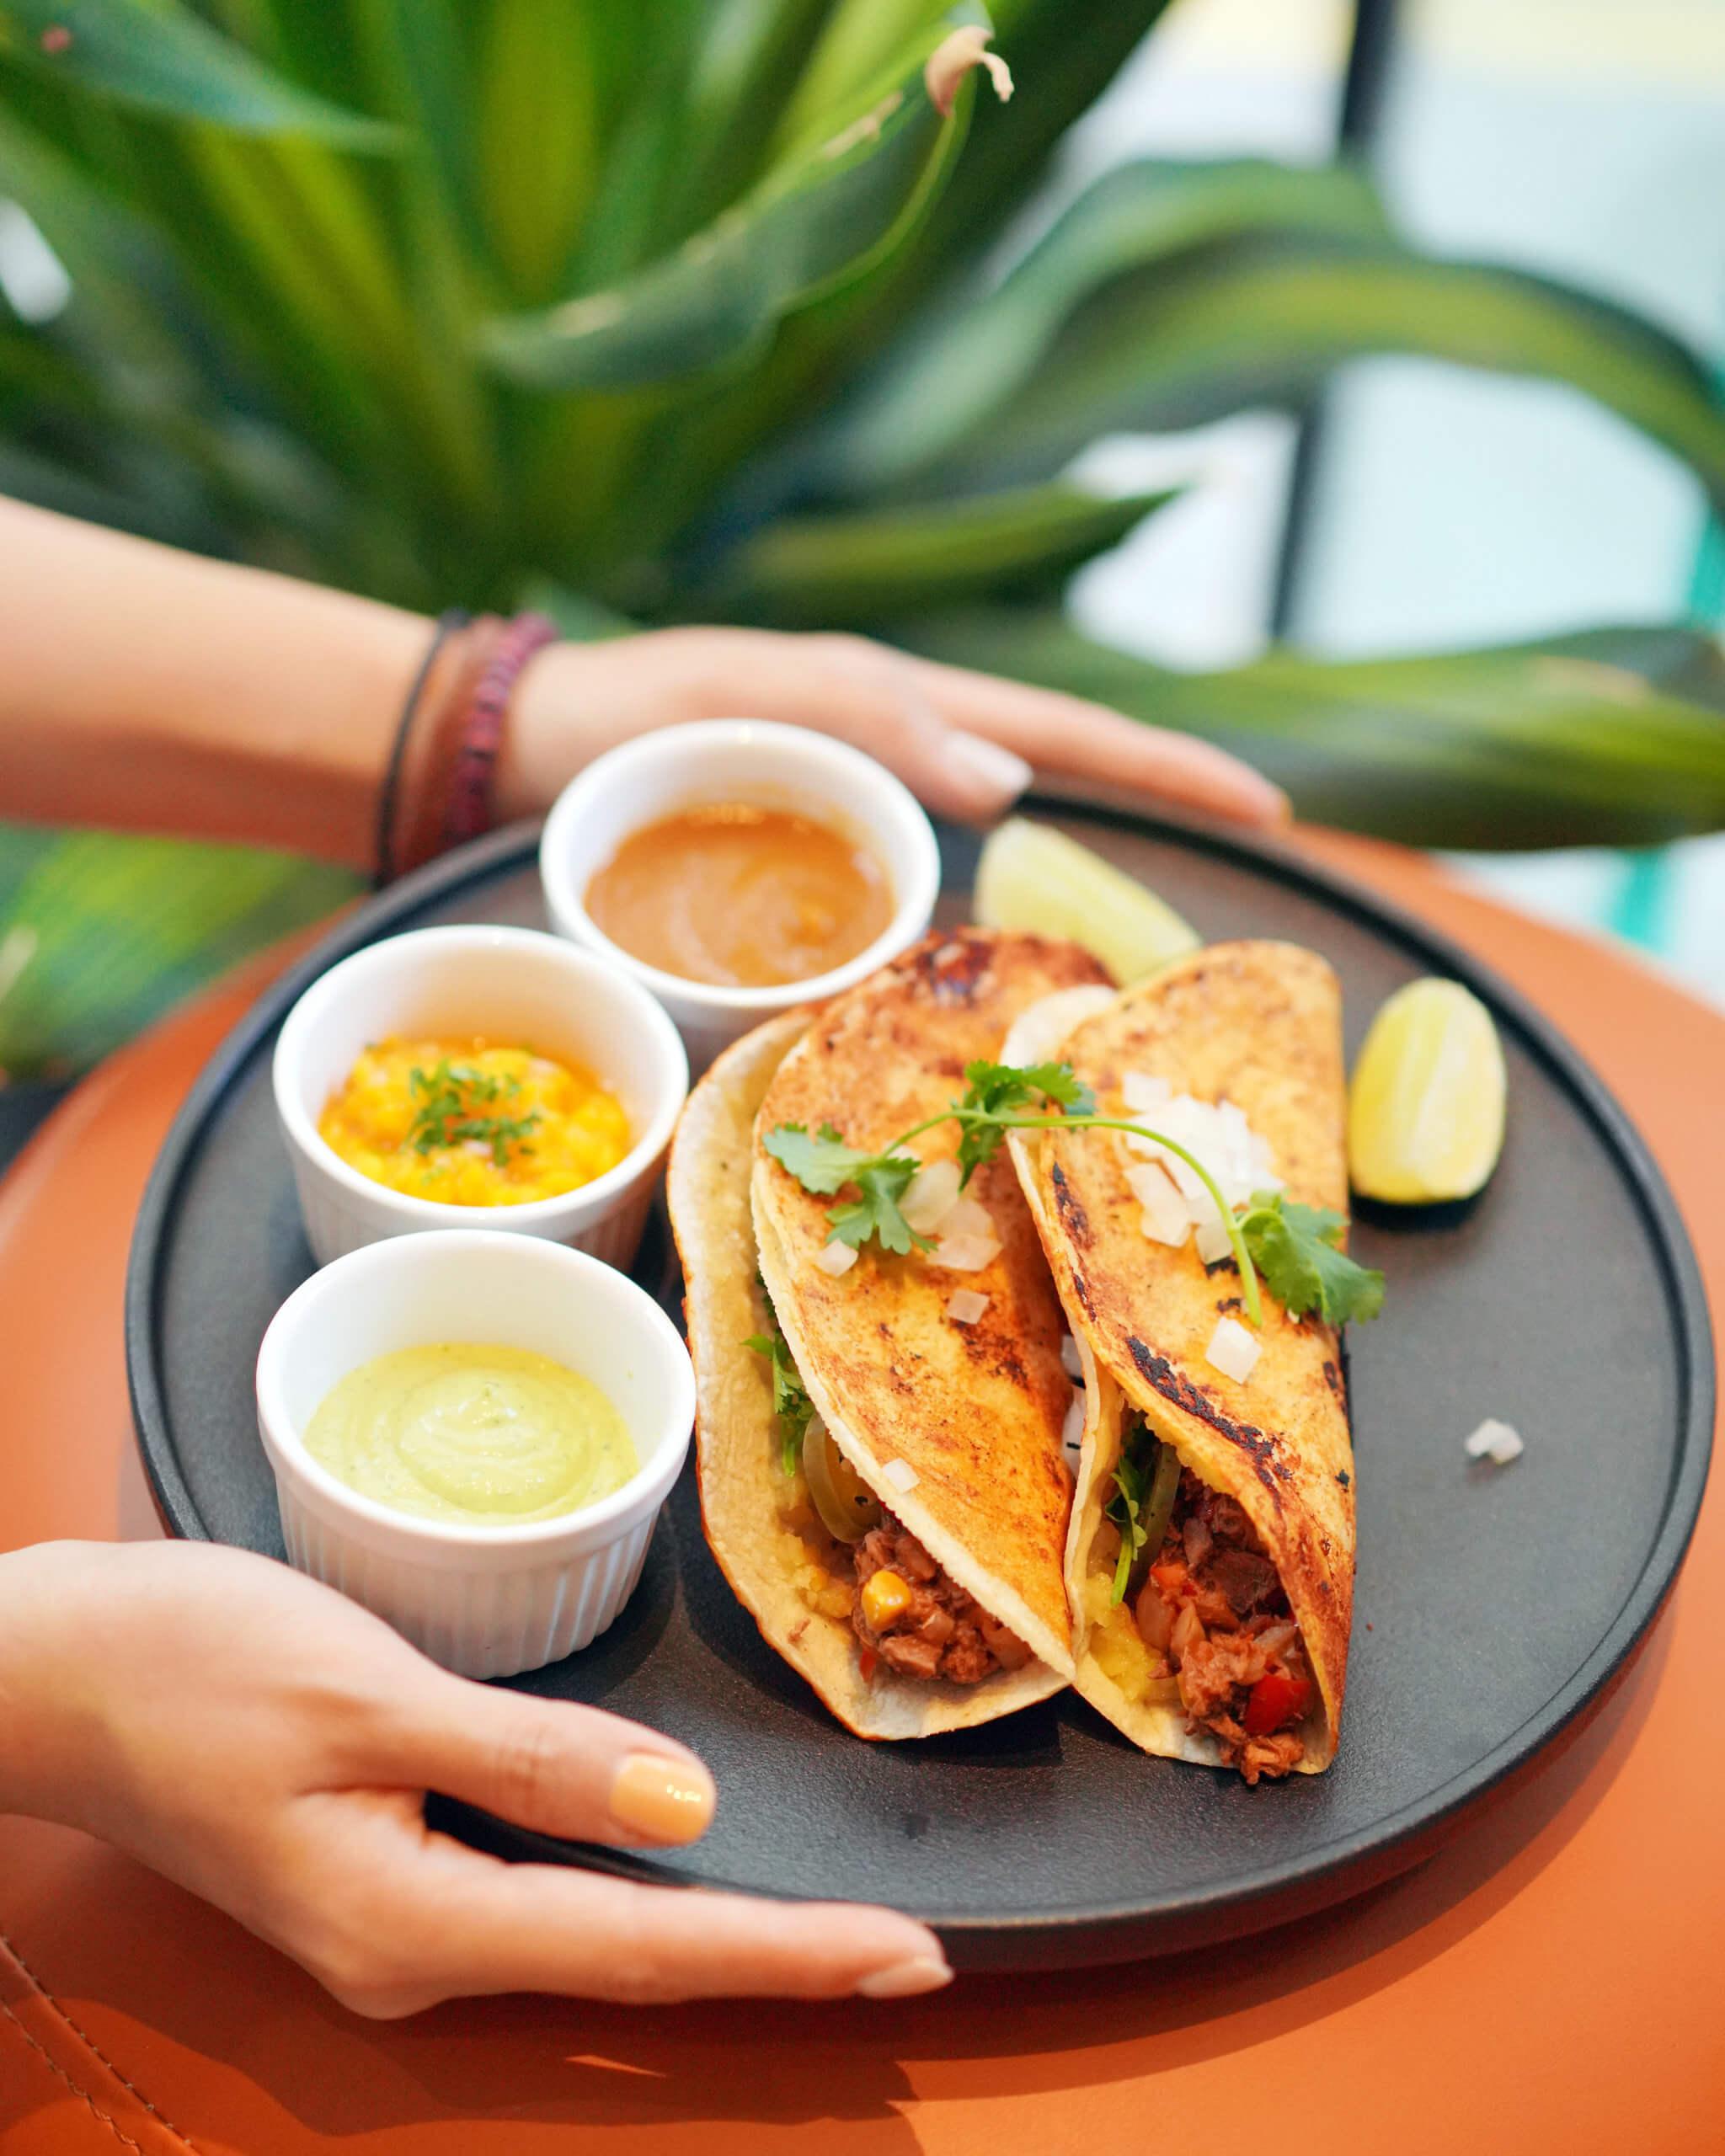 將KARANA全植物豬 肉加入香辣香料,製成特色嘅墨西哥卷餅。